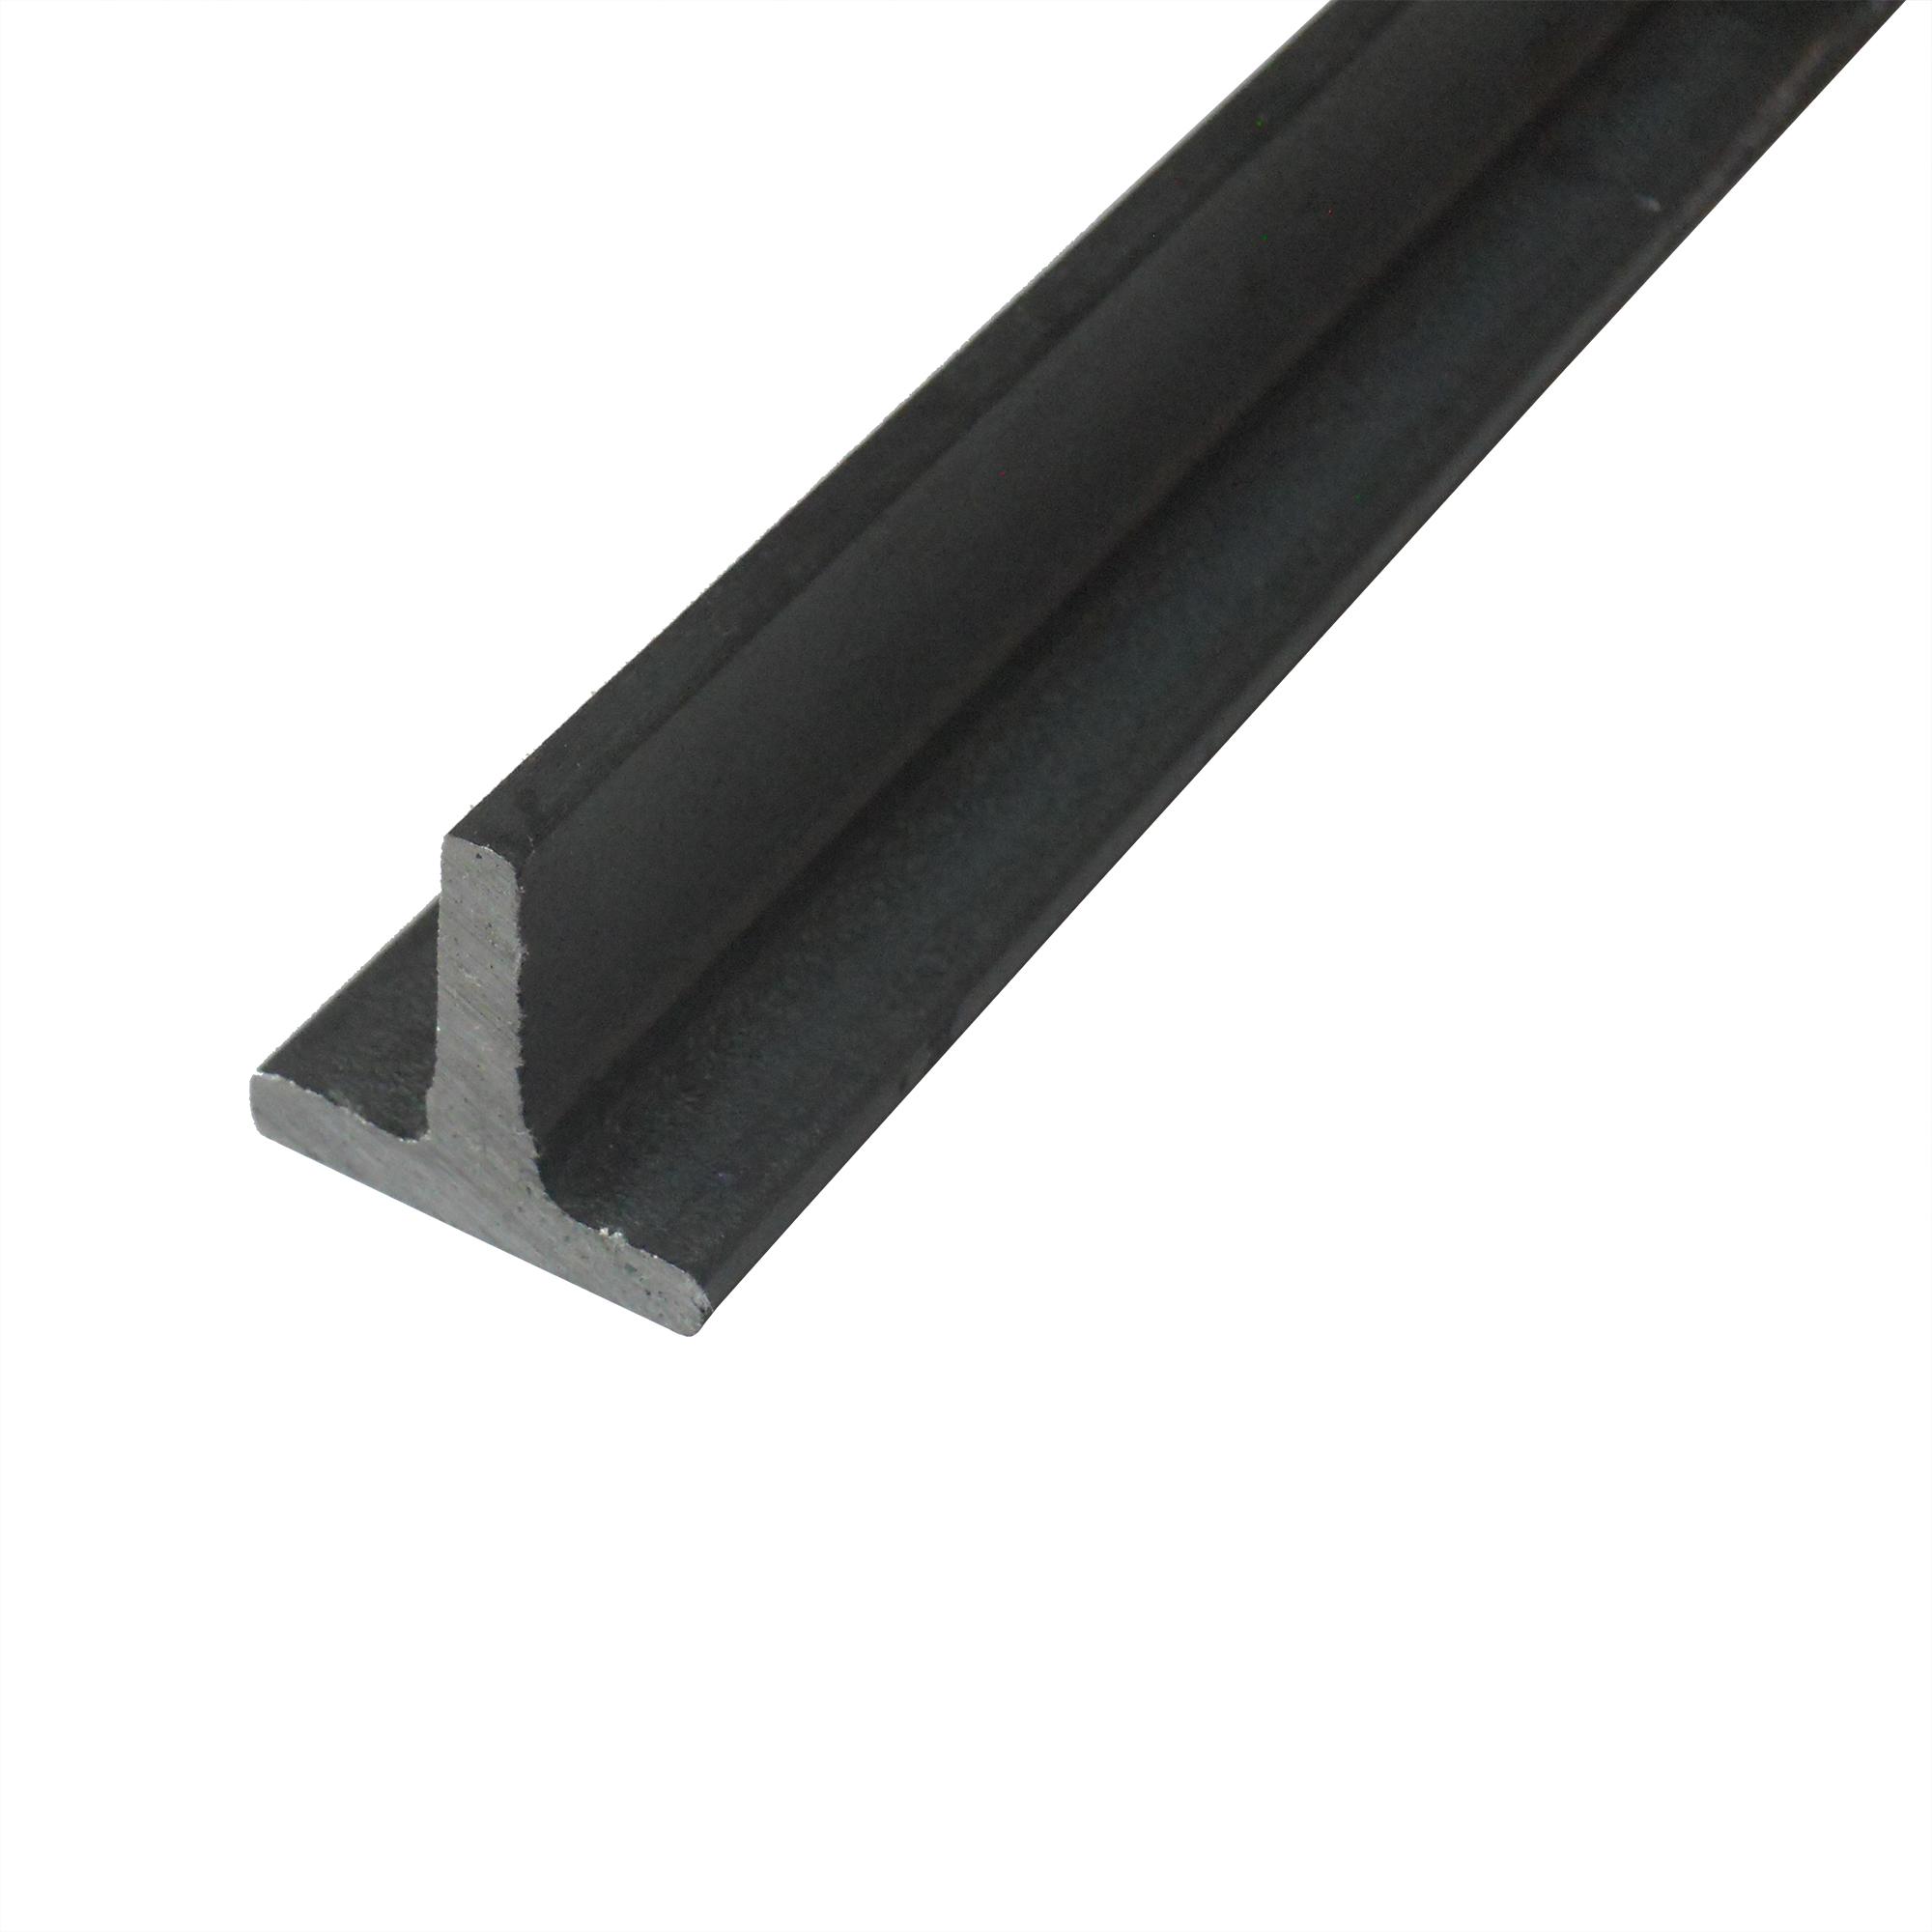 DIN 1013 6 Meter Stange geteilt 3 St/ück /à 1995 mm /Ø 12 mm gewalzt B/&T Metall Rundstahl ST 37 Drm Stahl Rund Stahlwelle Stahl Rundstab Stahl Rundstange schwarz - Ma/ßtoleranzen nach DIN EN 10060